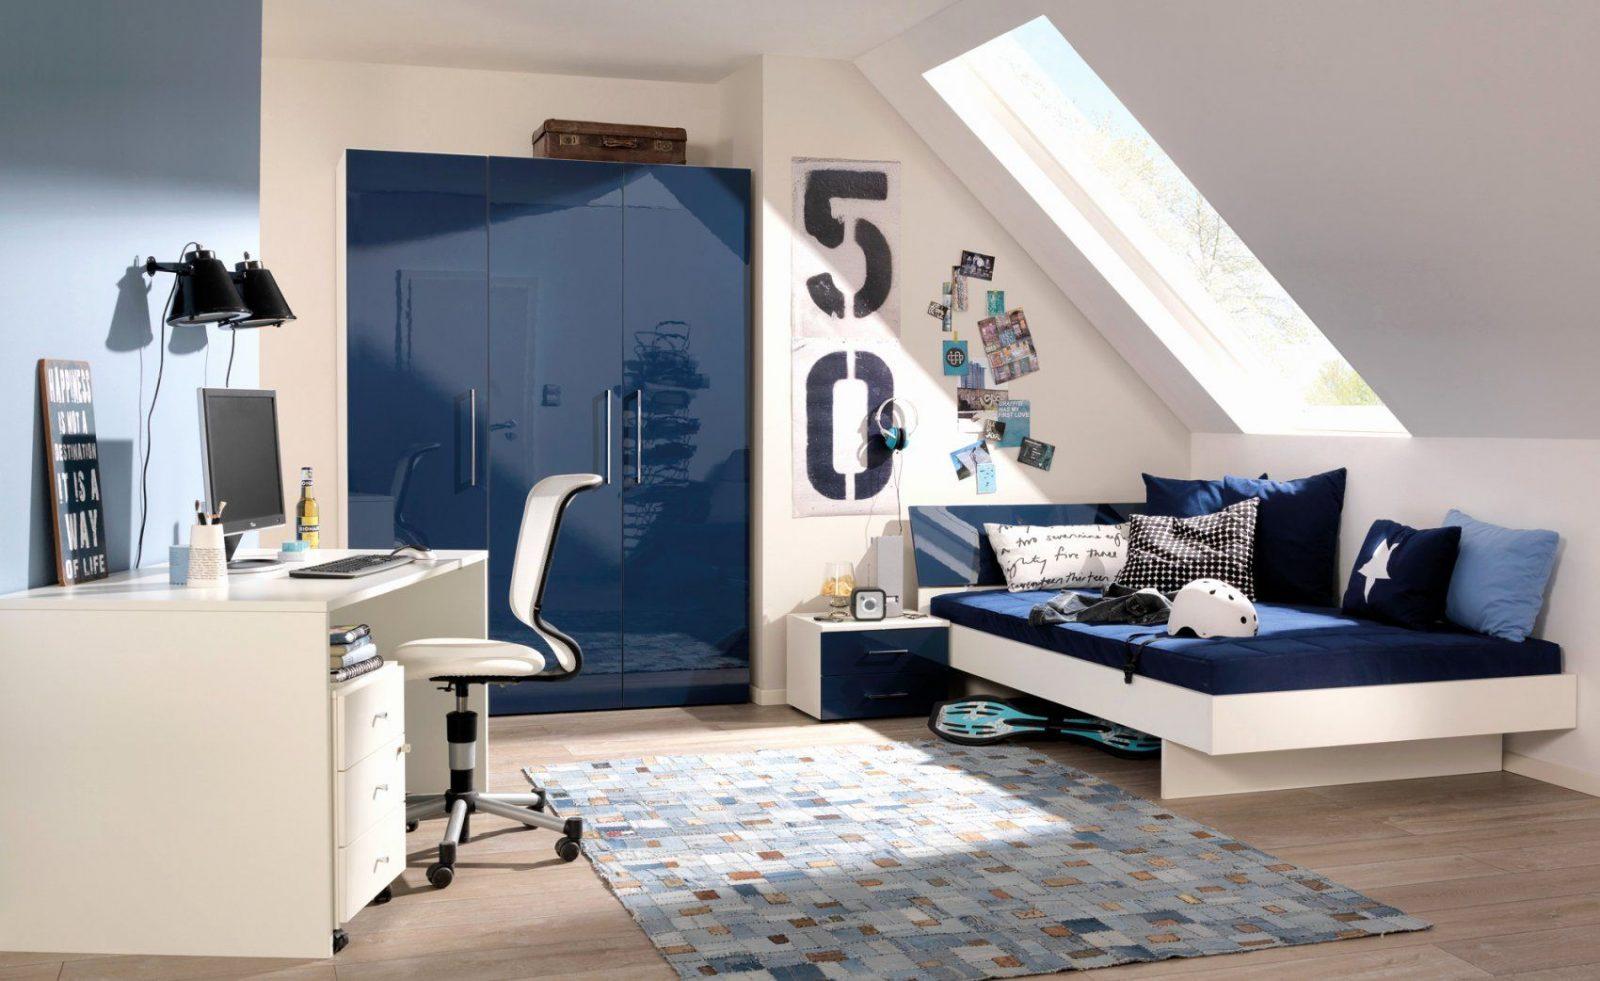 Jugendzimmer Für Jungs Komplett Schöne Kinderzimmer Junge Komplett von Bilder Jugendzimmer Für Jungs Bild